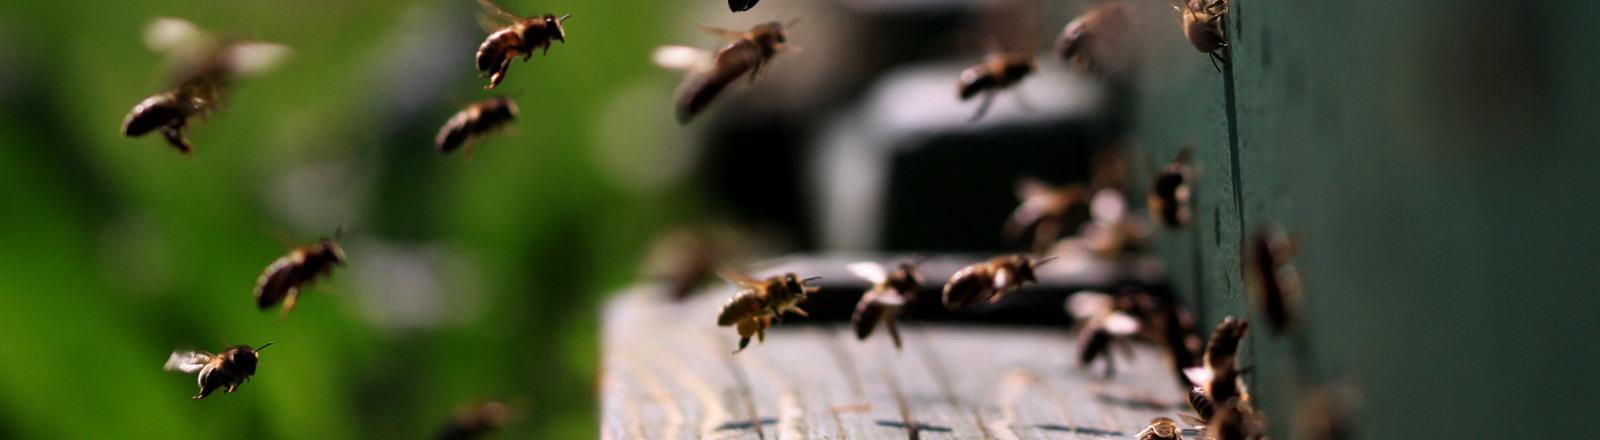 Bienen im Anflug auf ihren Bienenstock